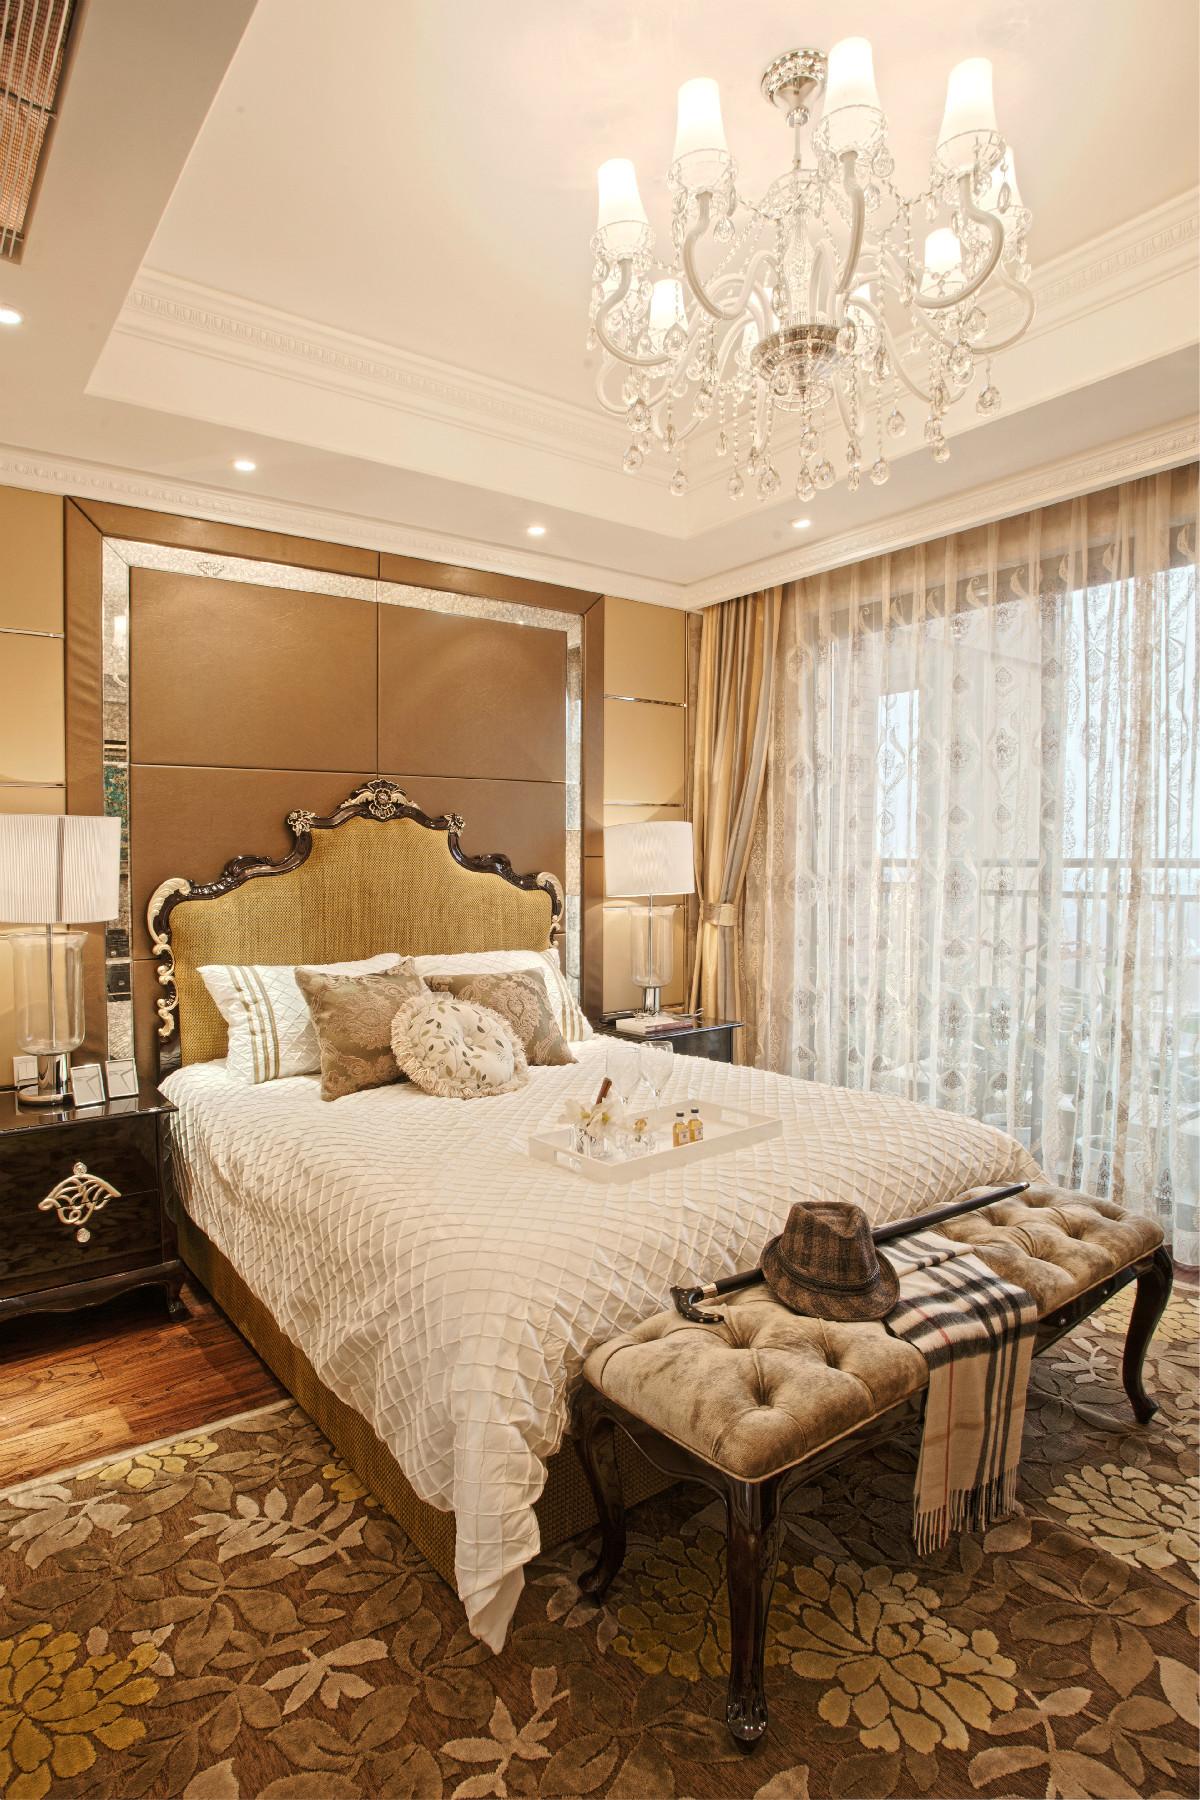 装修效果图 家居美图 欧式风格三层连体别墅大方简洁客厅2013简约客厅